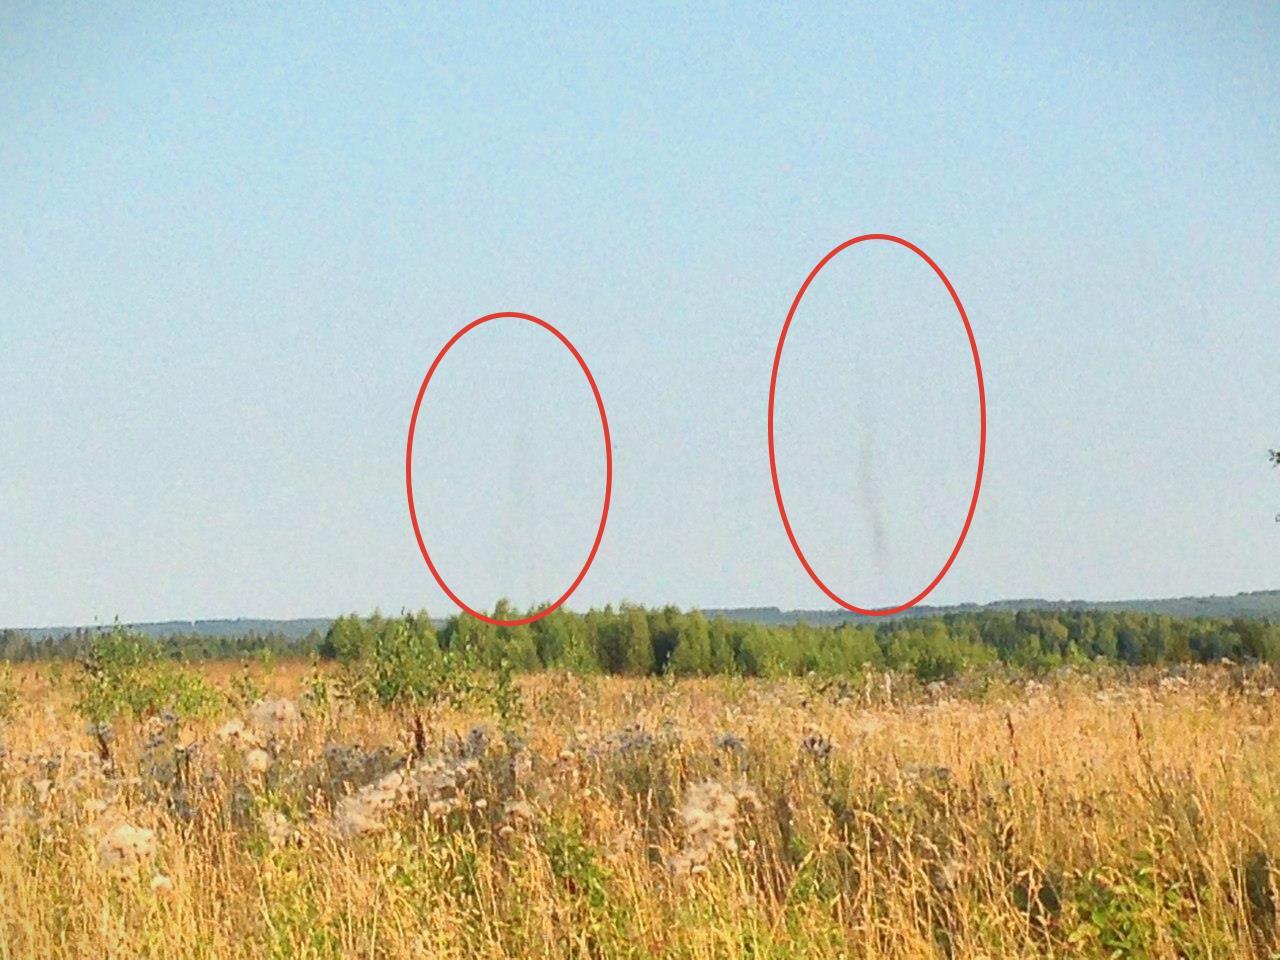 В Кировской области прошел торнадо из насекомых